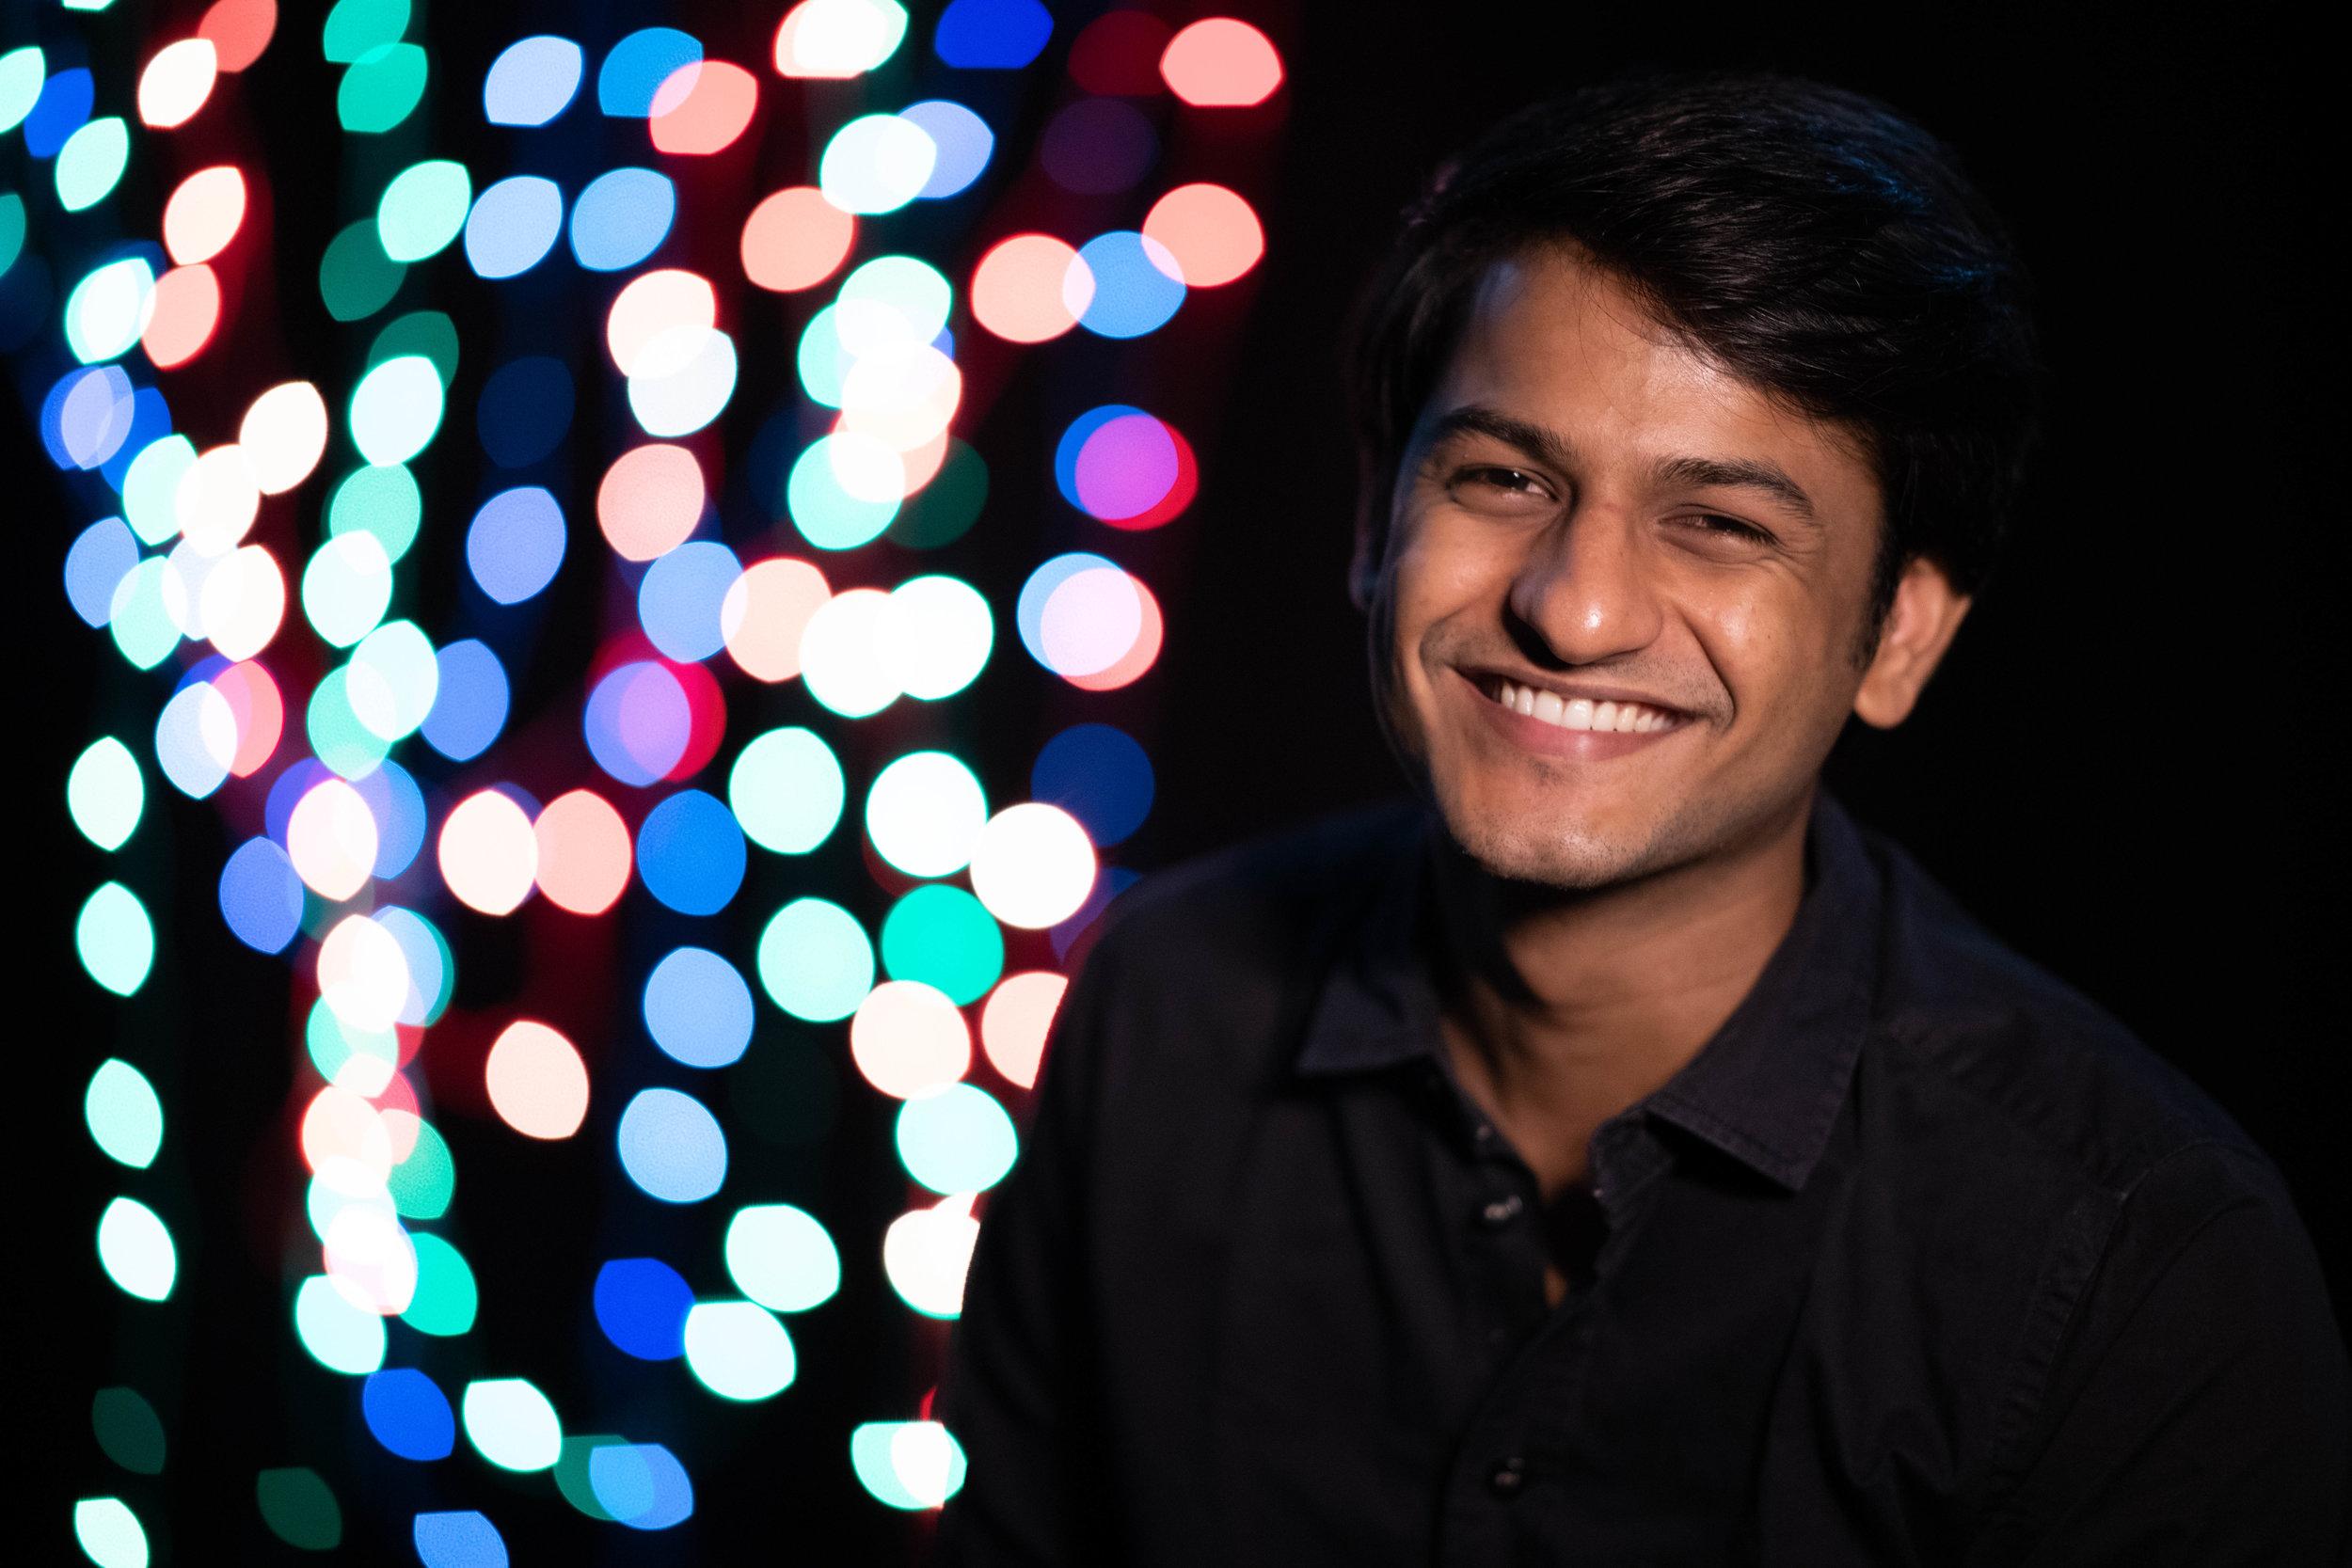 nikon_d850_photography_in_hindi_camera_review_nikon_d850_india_gmax_studios_photography_hindi